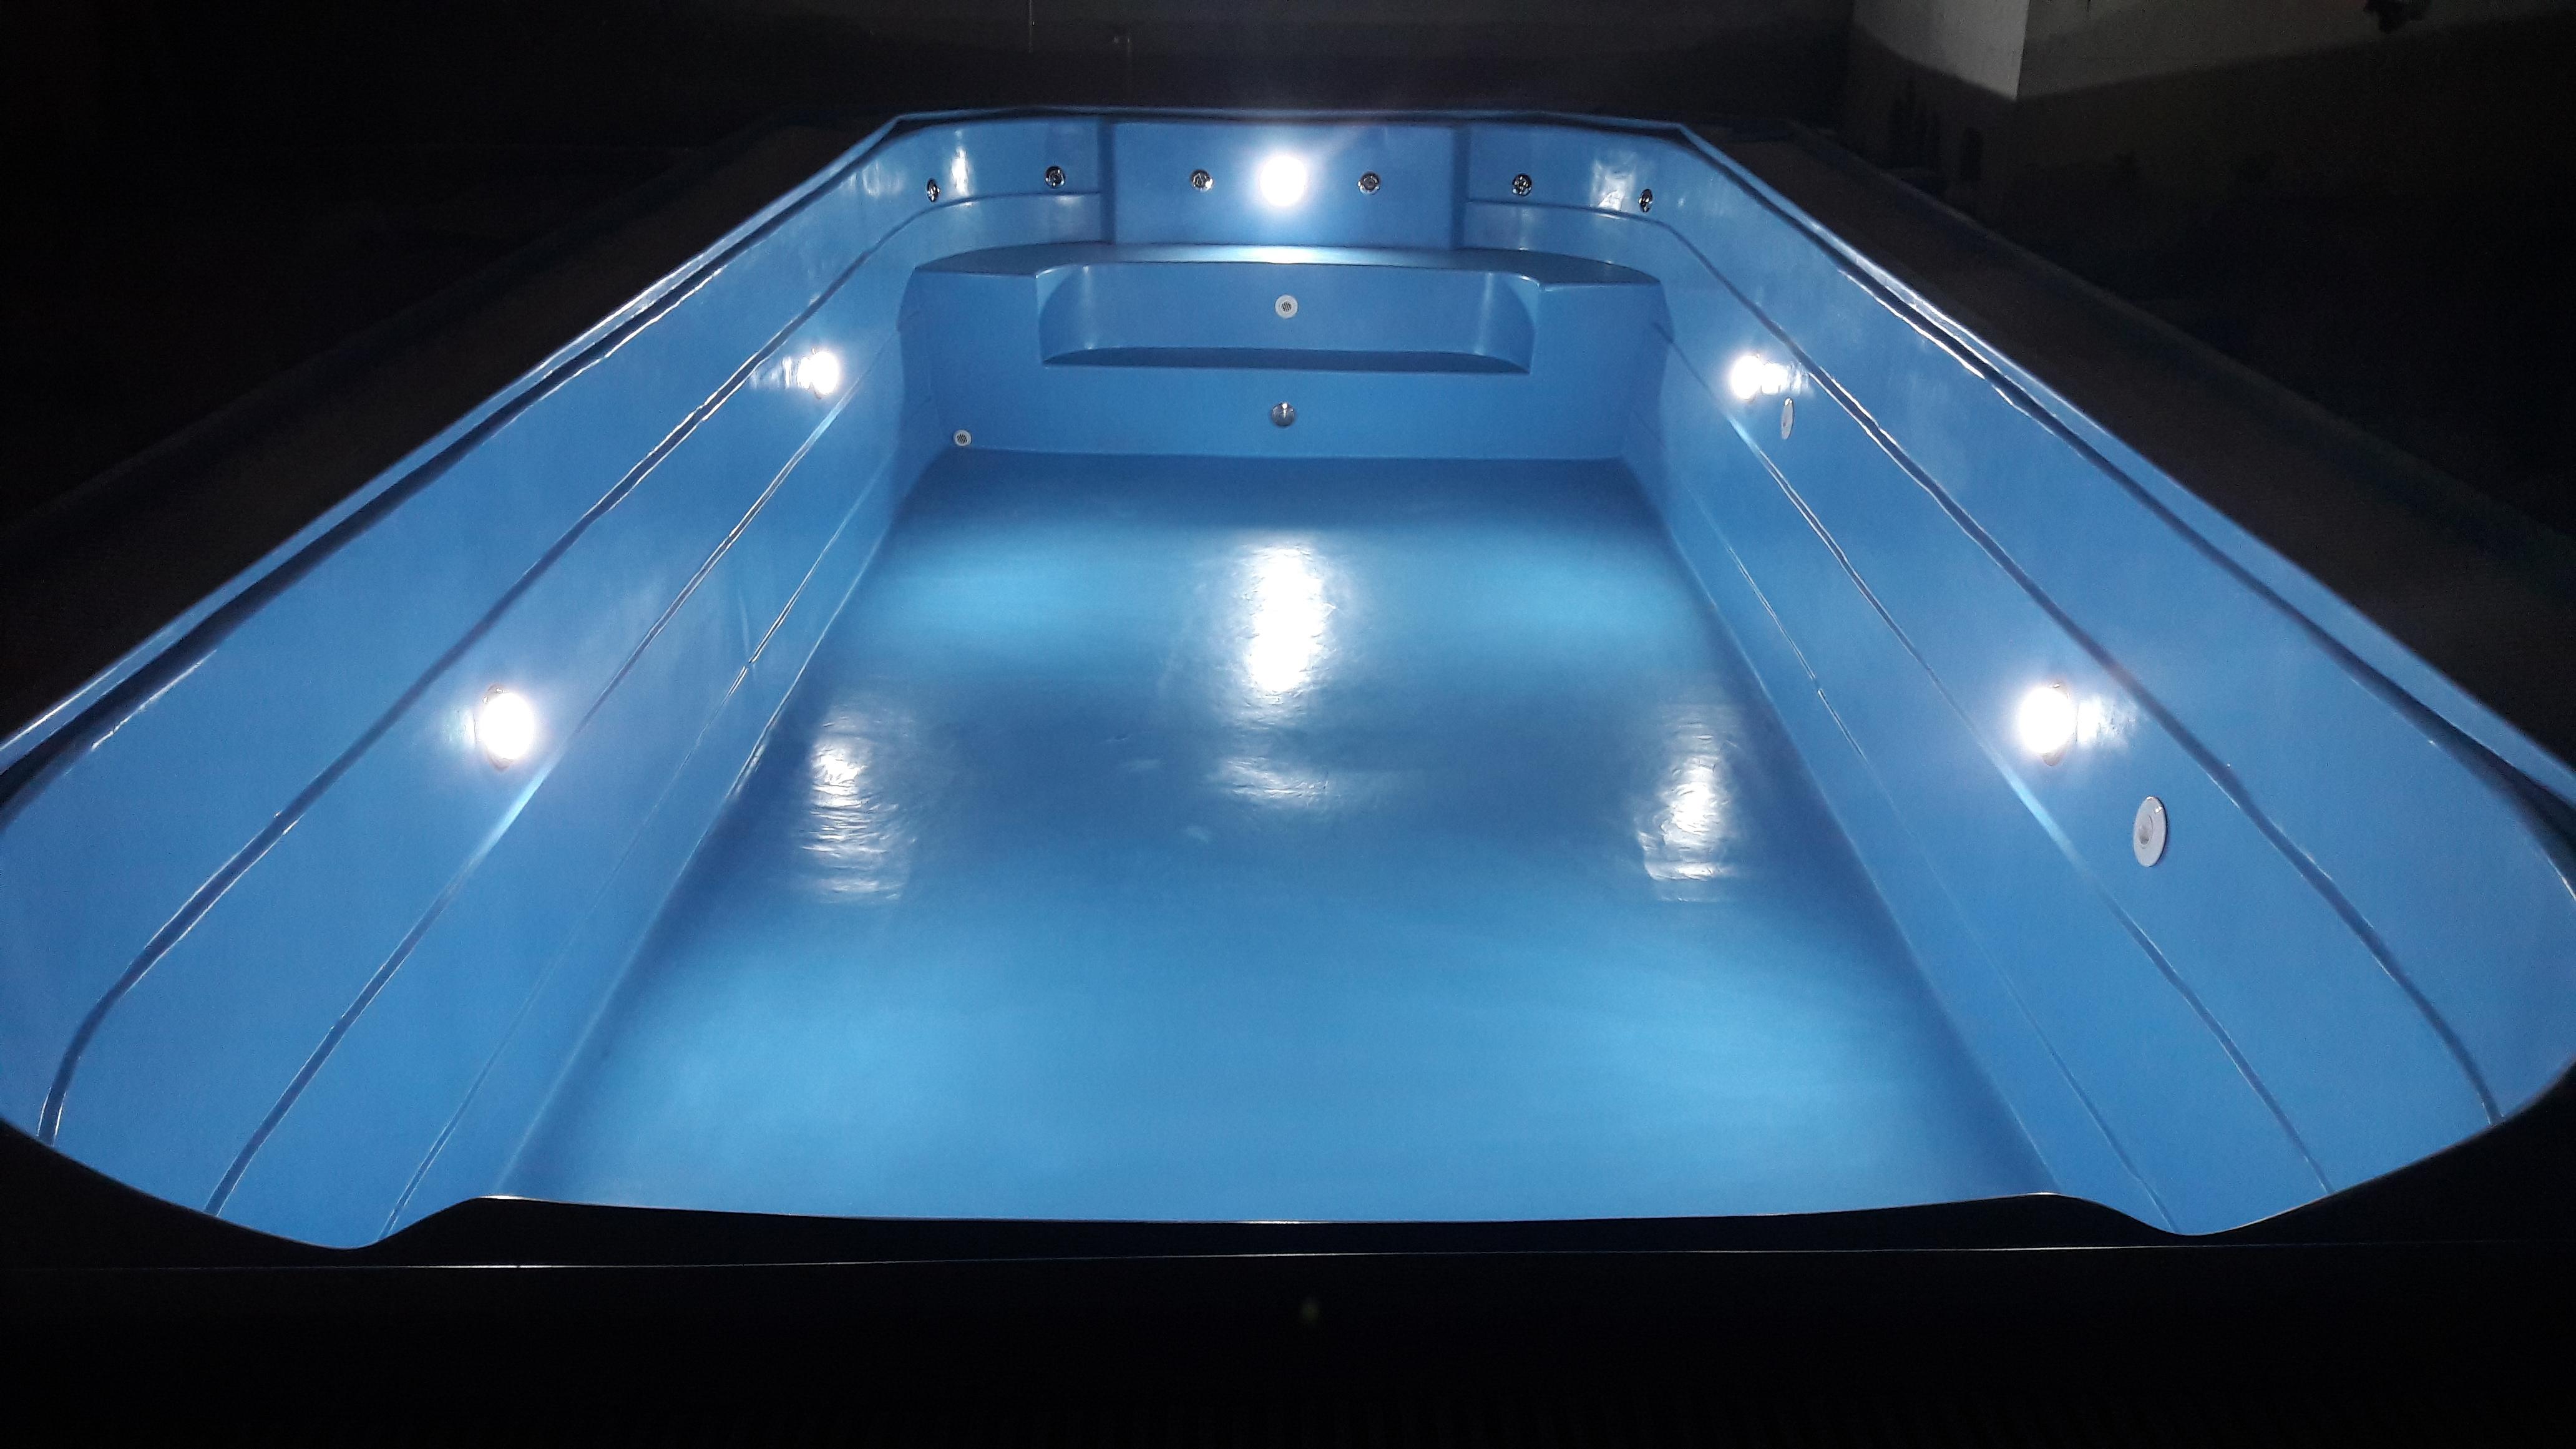 Swimming Pool Manufacturers - Top Fiberglass Swimming Pools ...